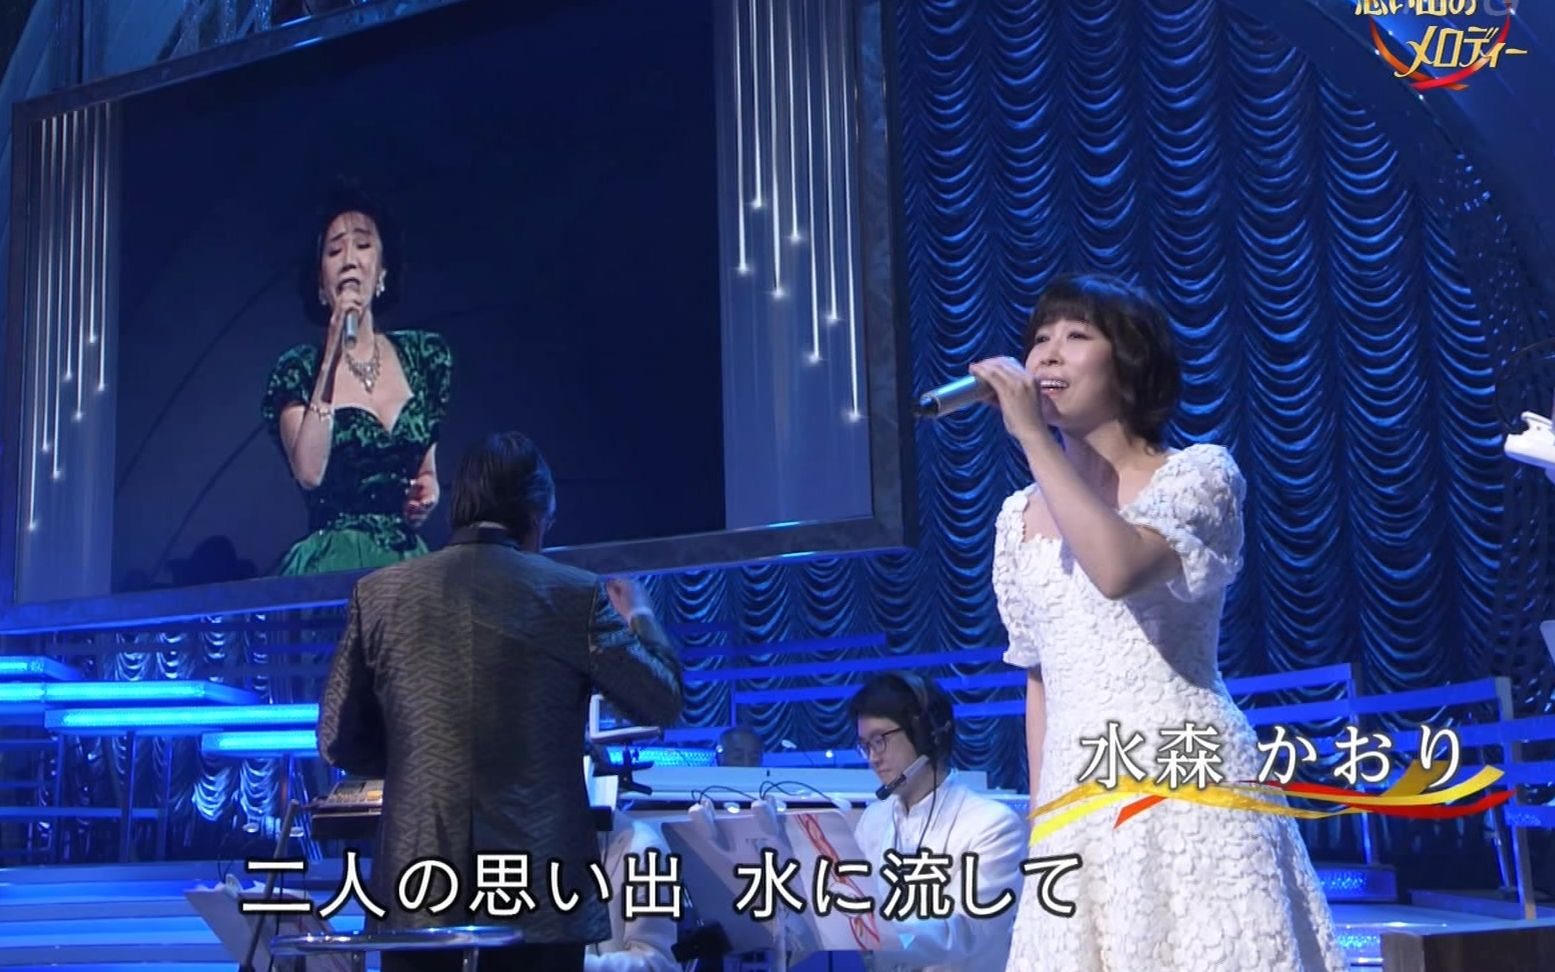 水森かおり - 雨がやんだら (18.08.18.NHK 第50回 思い出のメロディー)